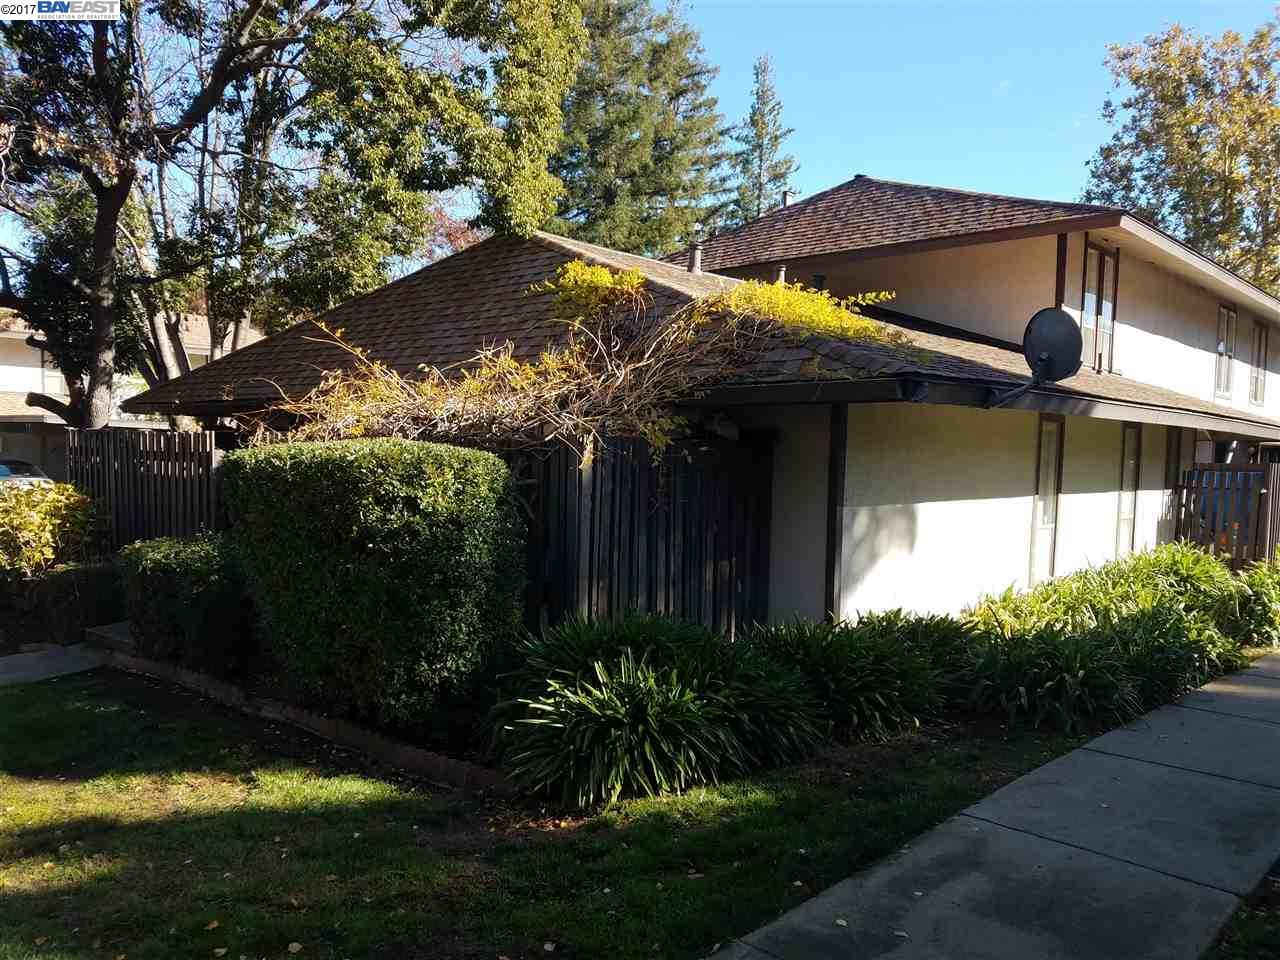 Кондоминиум для того Продажа на 5501 Roundtree Drive 5501 Roundtree Drive Concord, Калифорния 94521 Соединенные Штаты